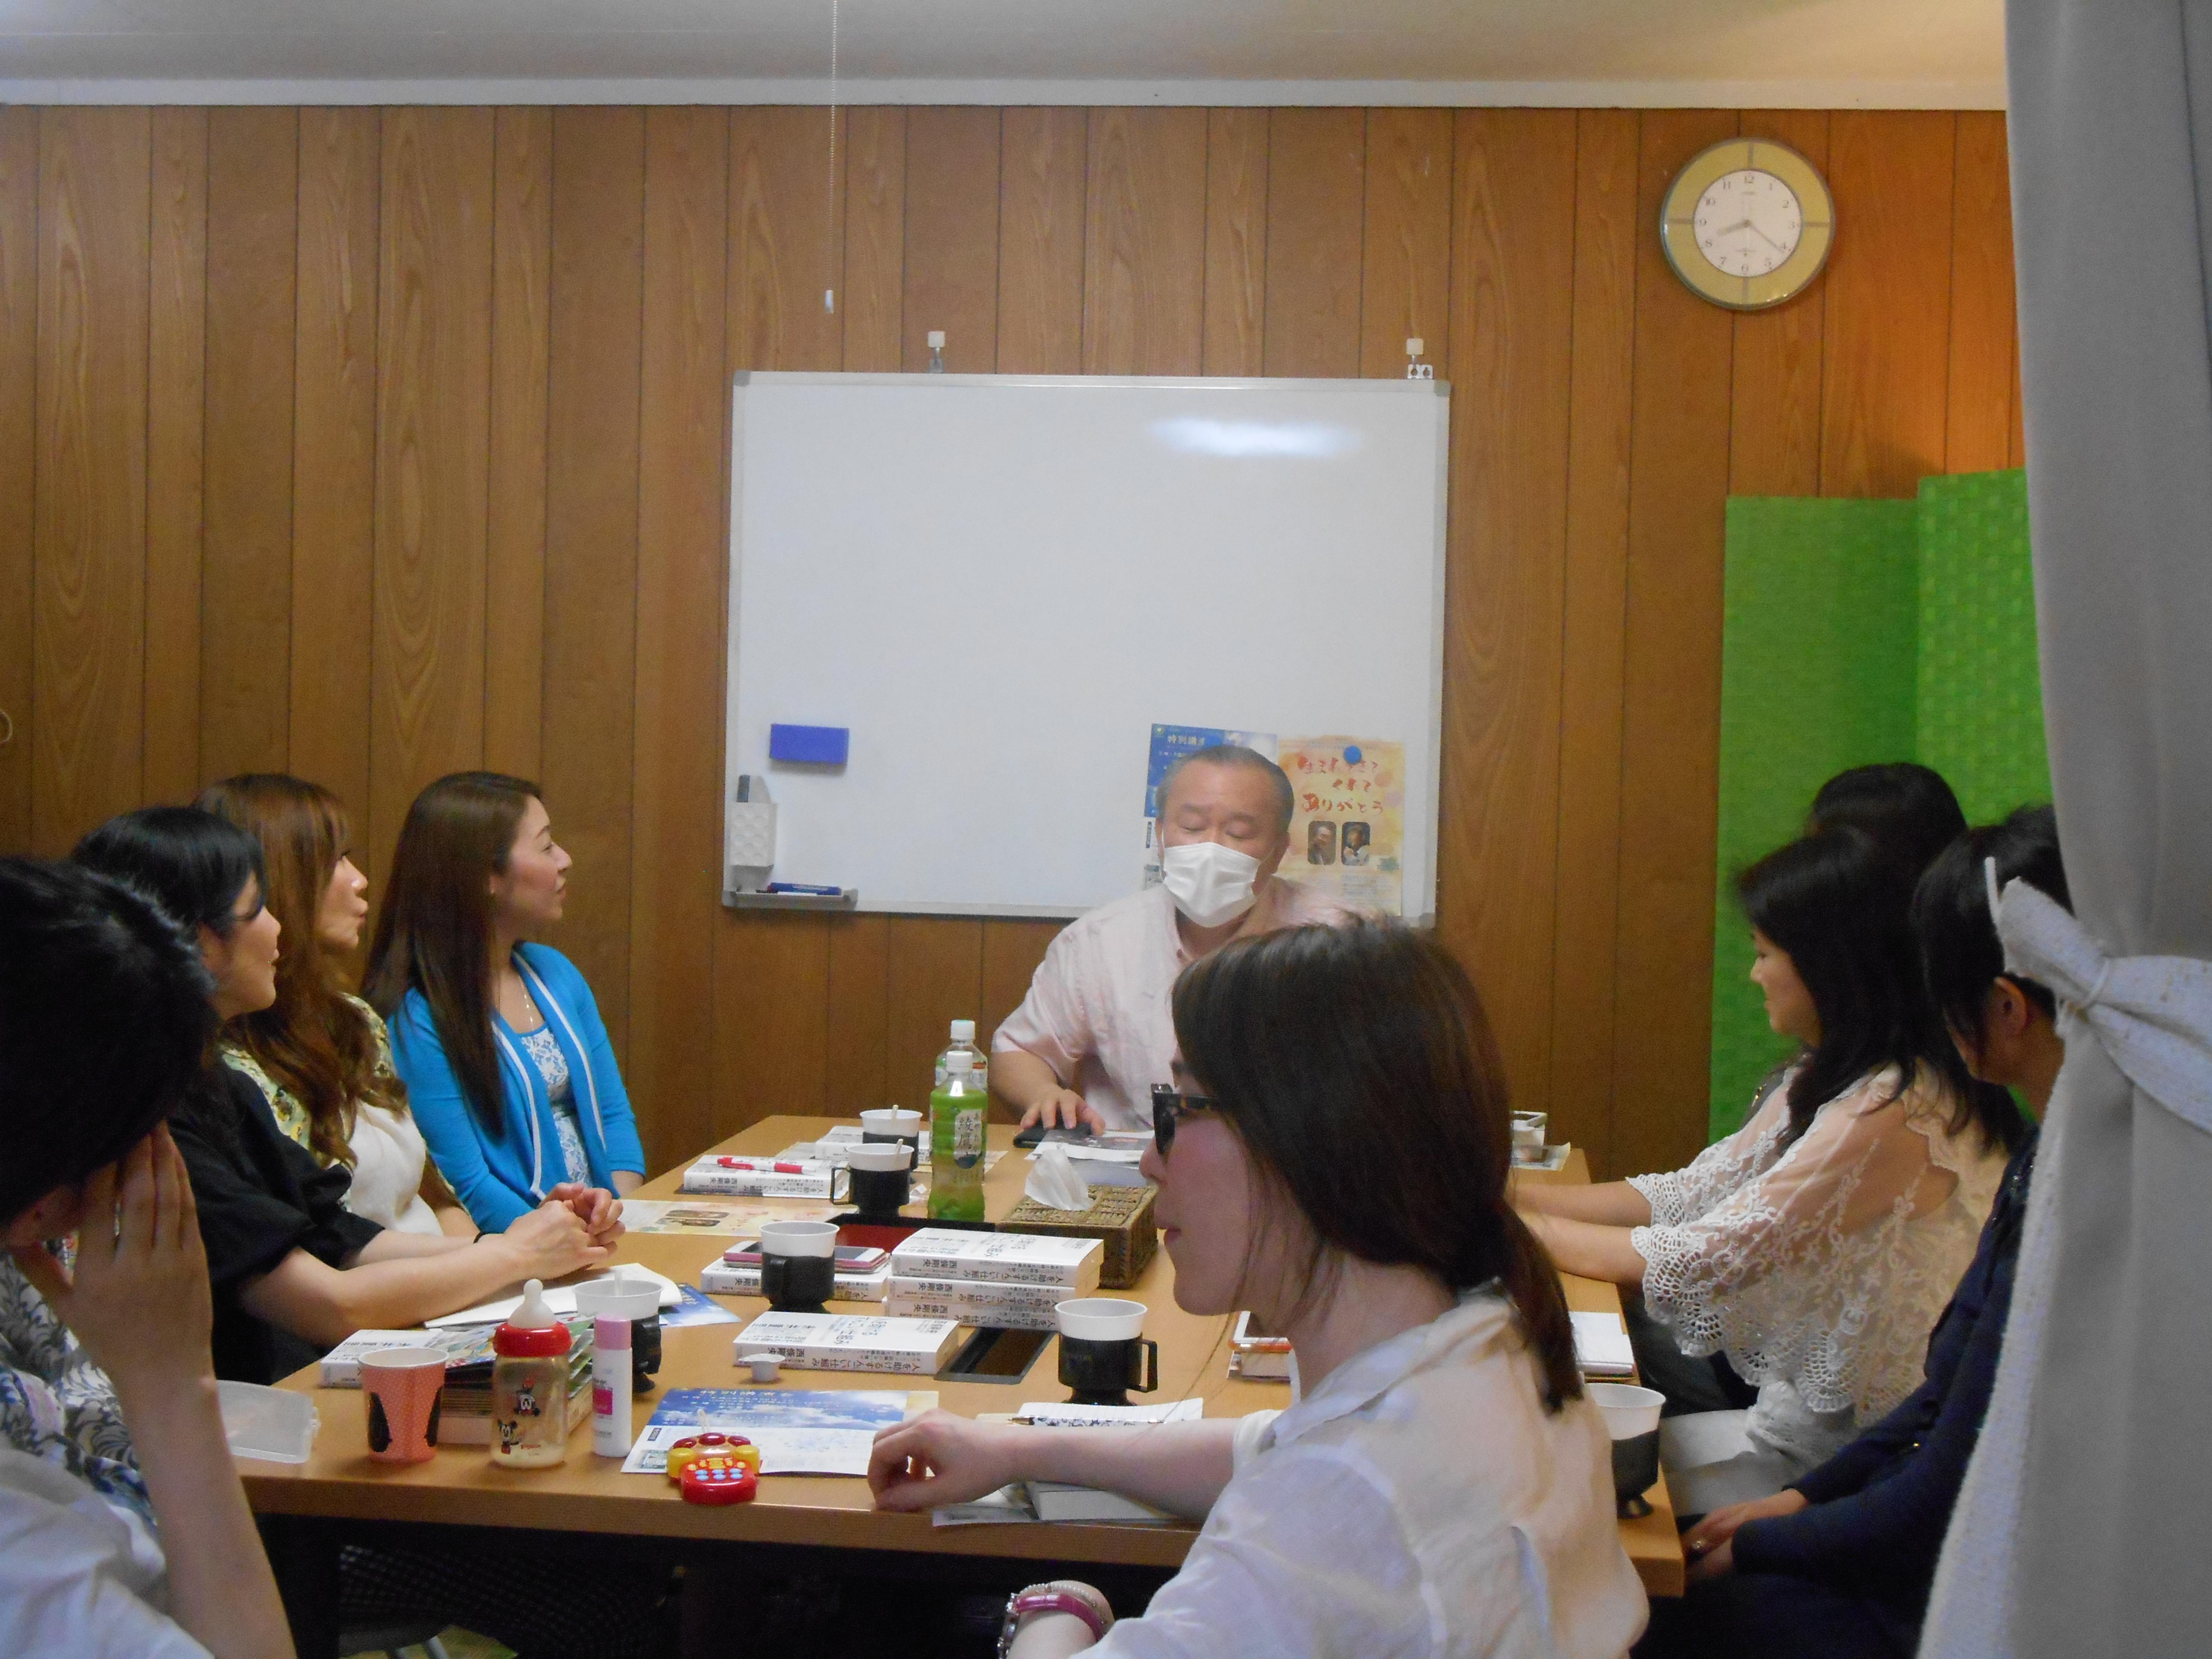 DSCN1648 - 愛の子育て塾14期第4講座